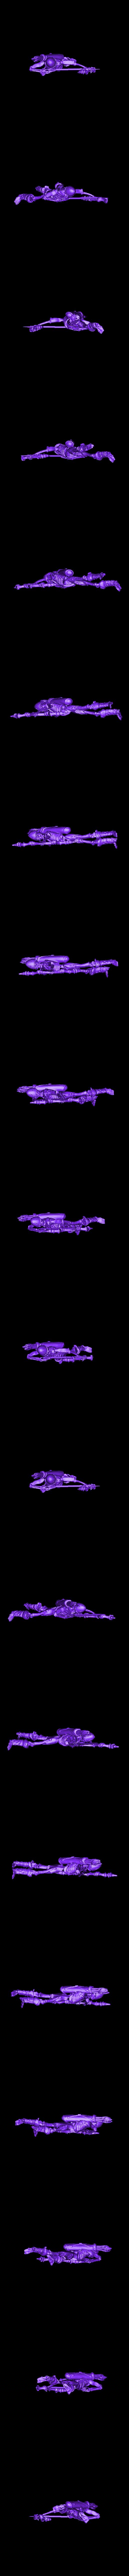 Skeleton.stl Download free STL file Miniature - Skeleton Archer Miniature (Heroic Scale) (2016) • 3D print model, whackolantern